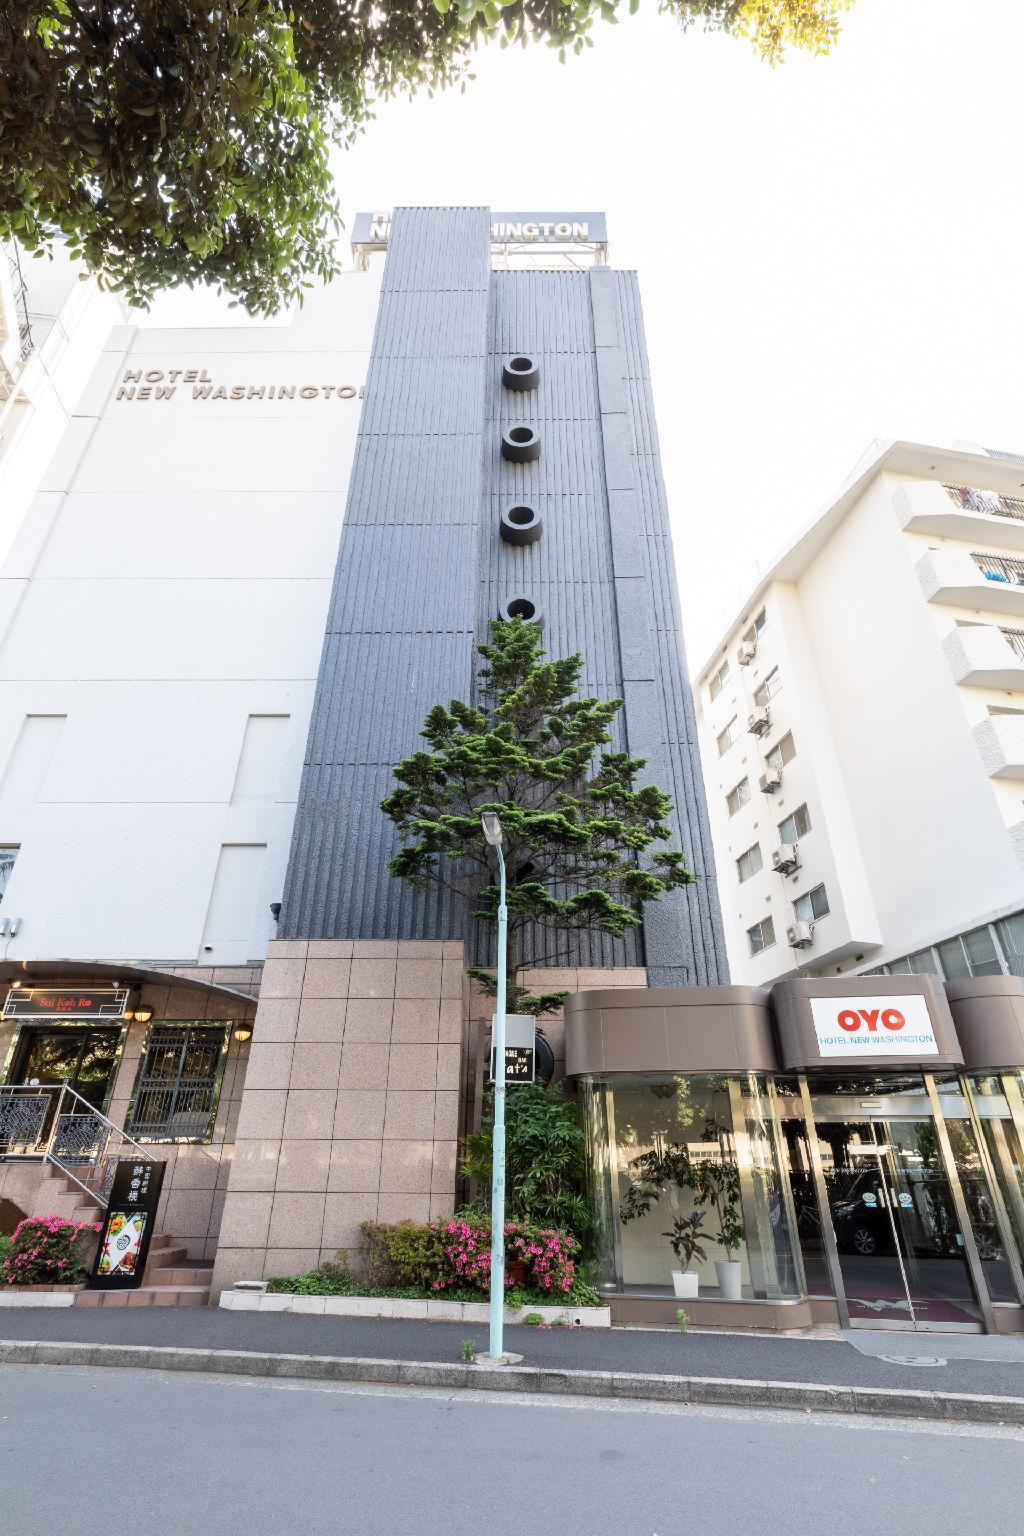 OYO  471 Hotel New Washington, Shibuya